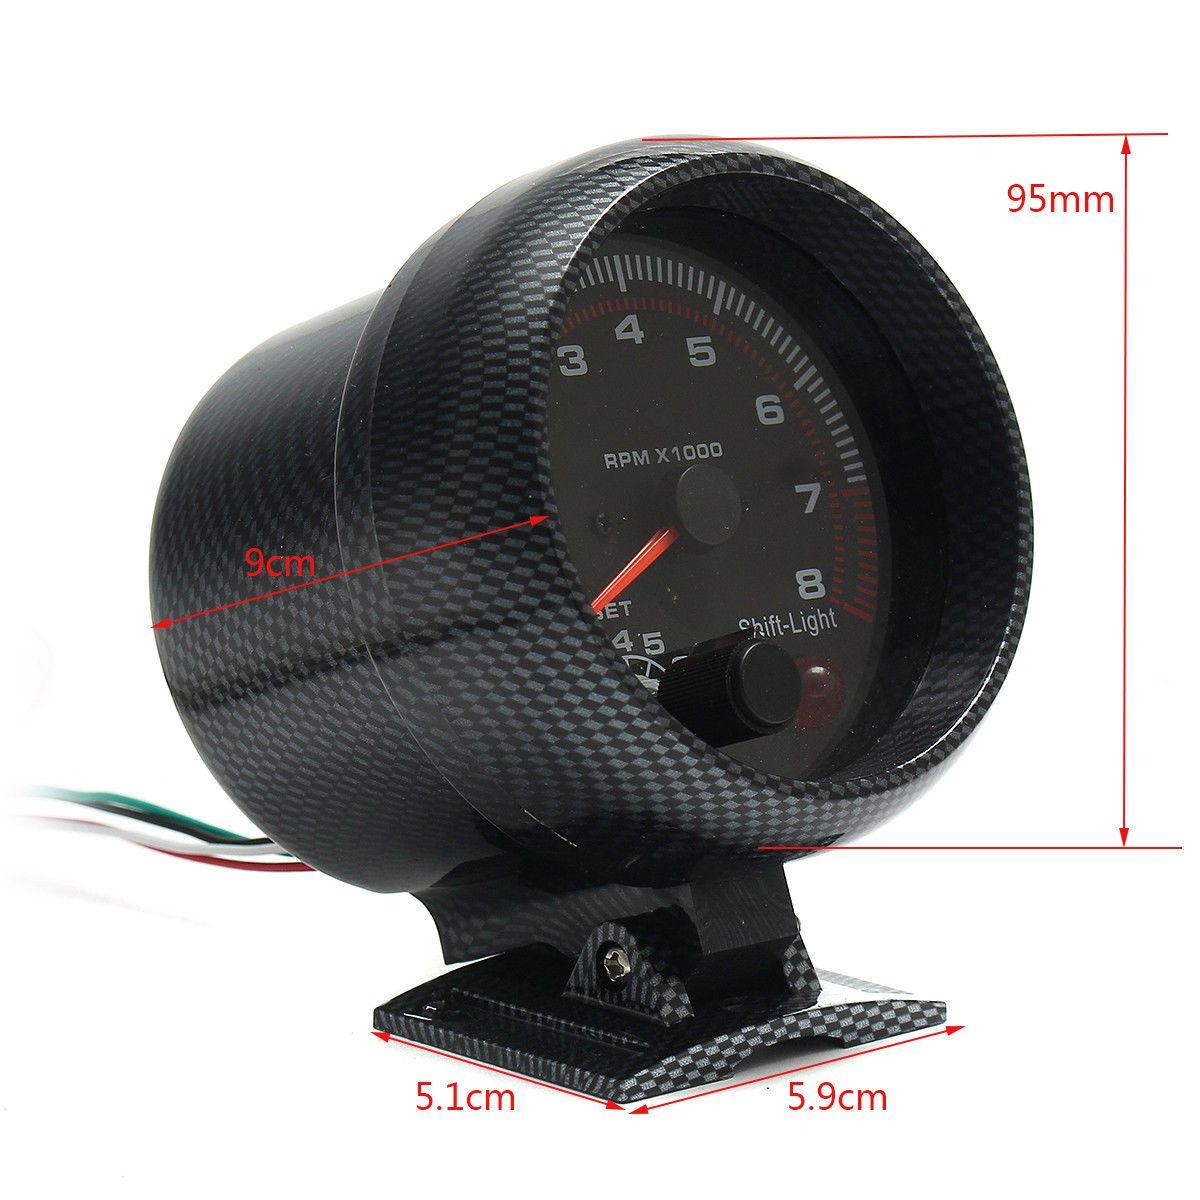 유니버셜 12V 범용 자동차 차량 3.75 ''타코미터 타코 게이지 승 / 시프트 빛 0-8000RPM